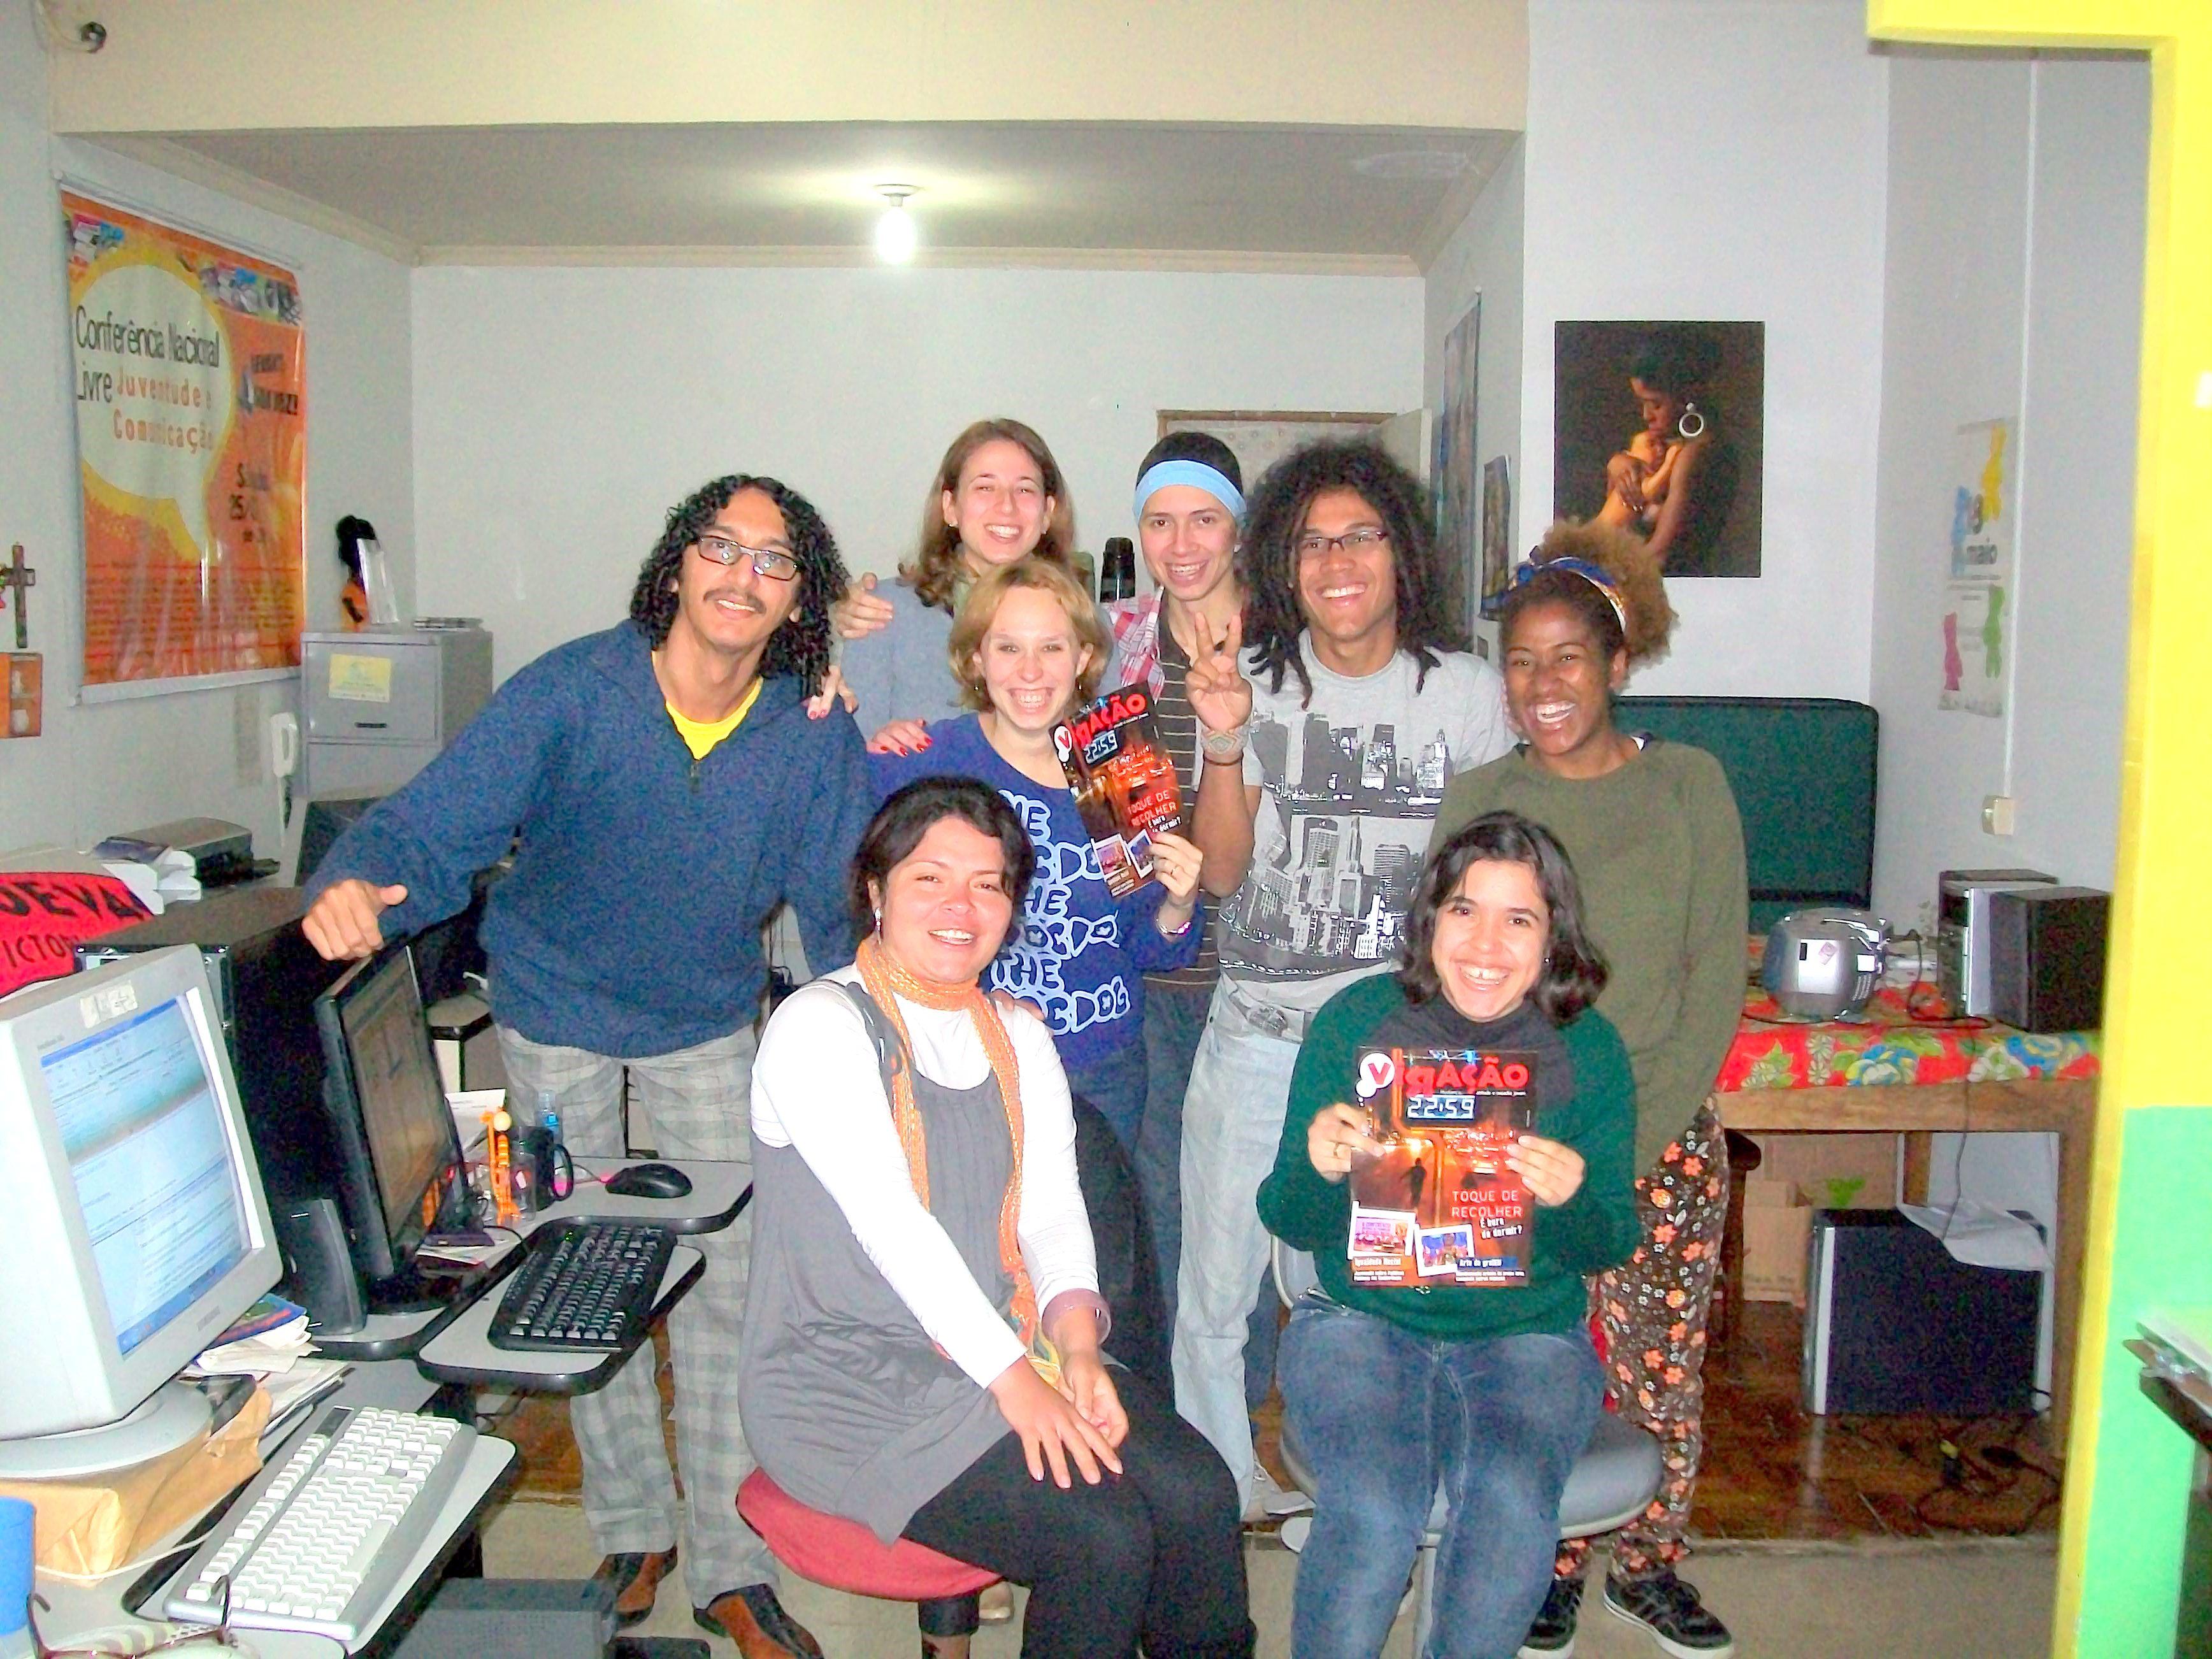 Argonautas  Pontão de Cultura Rede Juvenil faz visita a Revista Viraçâo luz